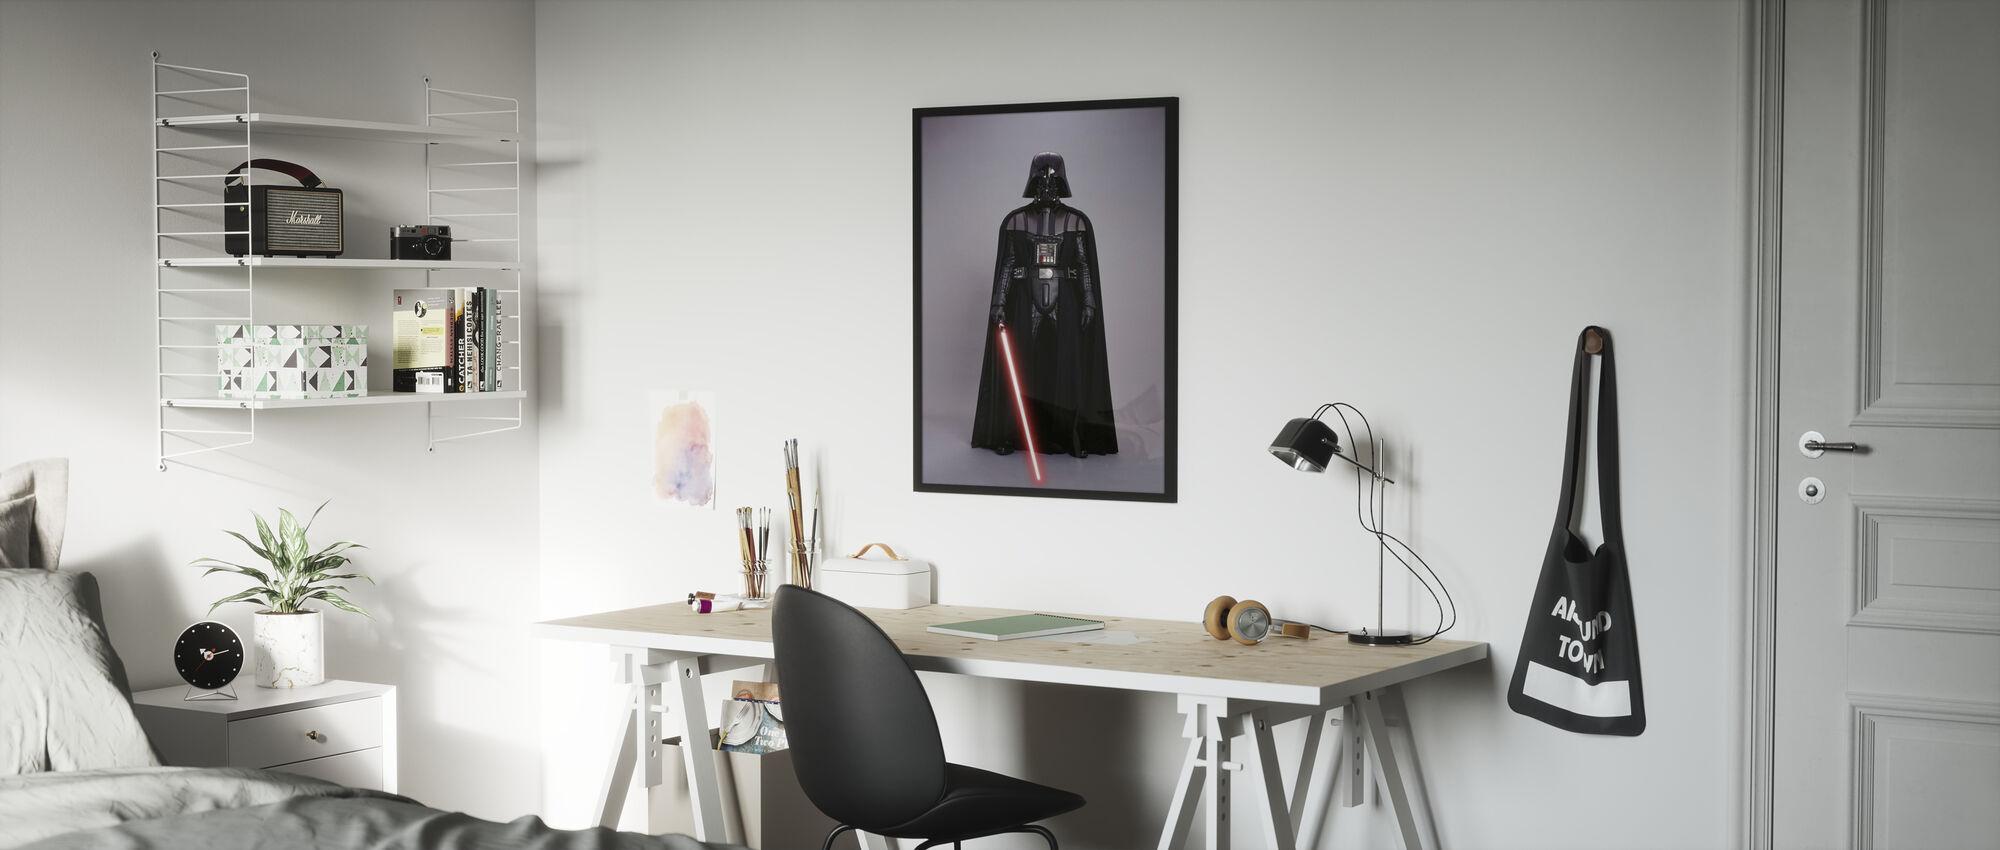 Tähtien sota - Darth Vader Studioshoot 1 - Kehystetty kuva - Lastenhuone